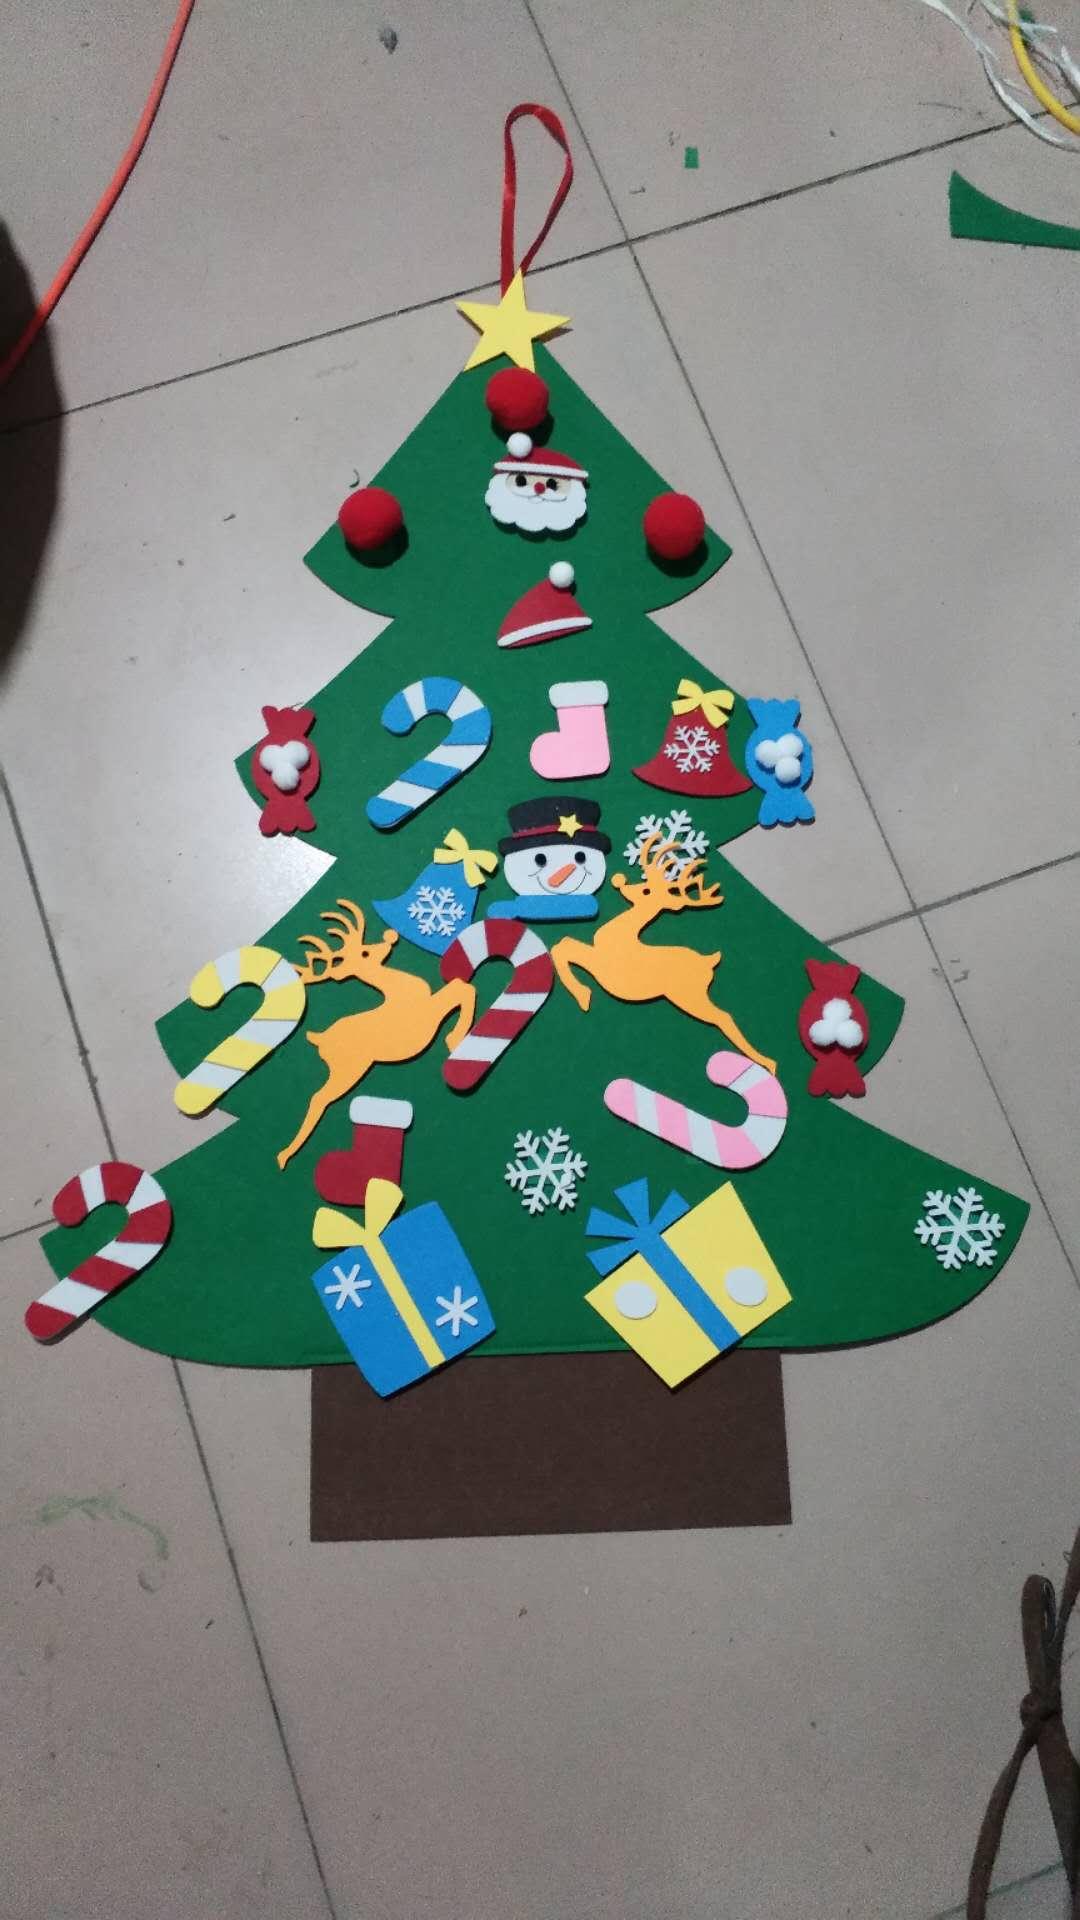 圣诞树挂件圣诞树挂件报价圣诞树挂件批发圣诞树挂件供应商圣诞树挂件电话圣诞树挂件哪家好